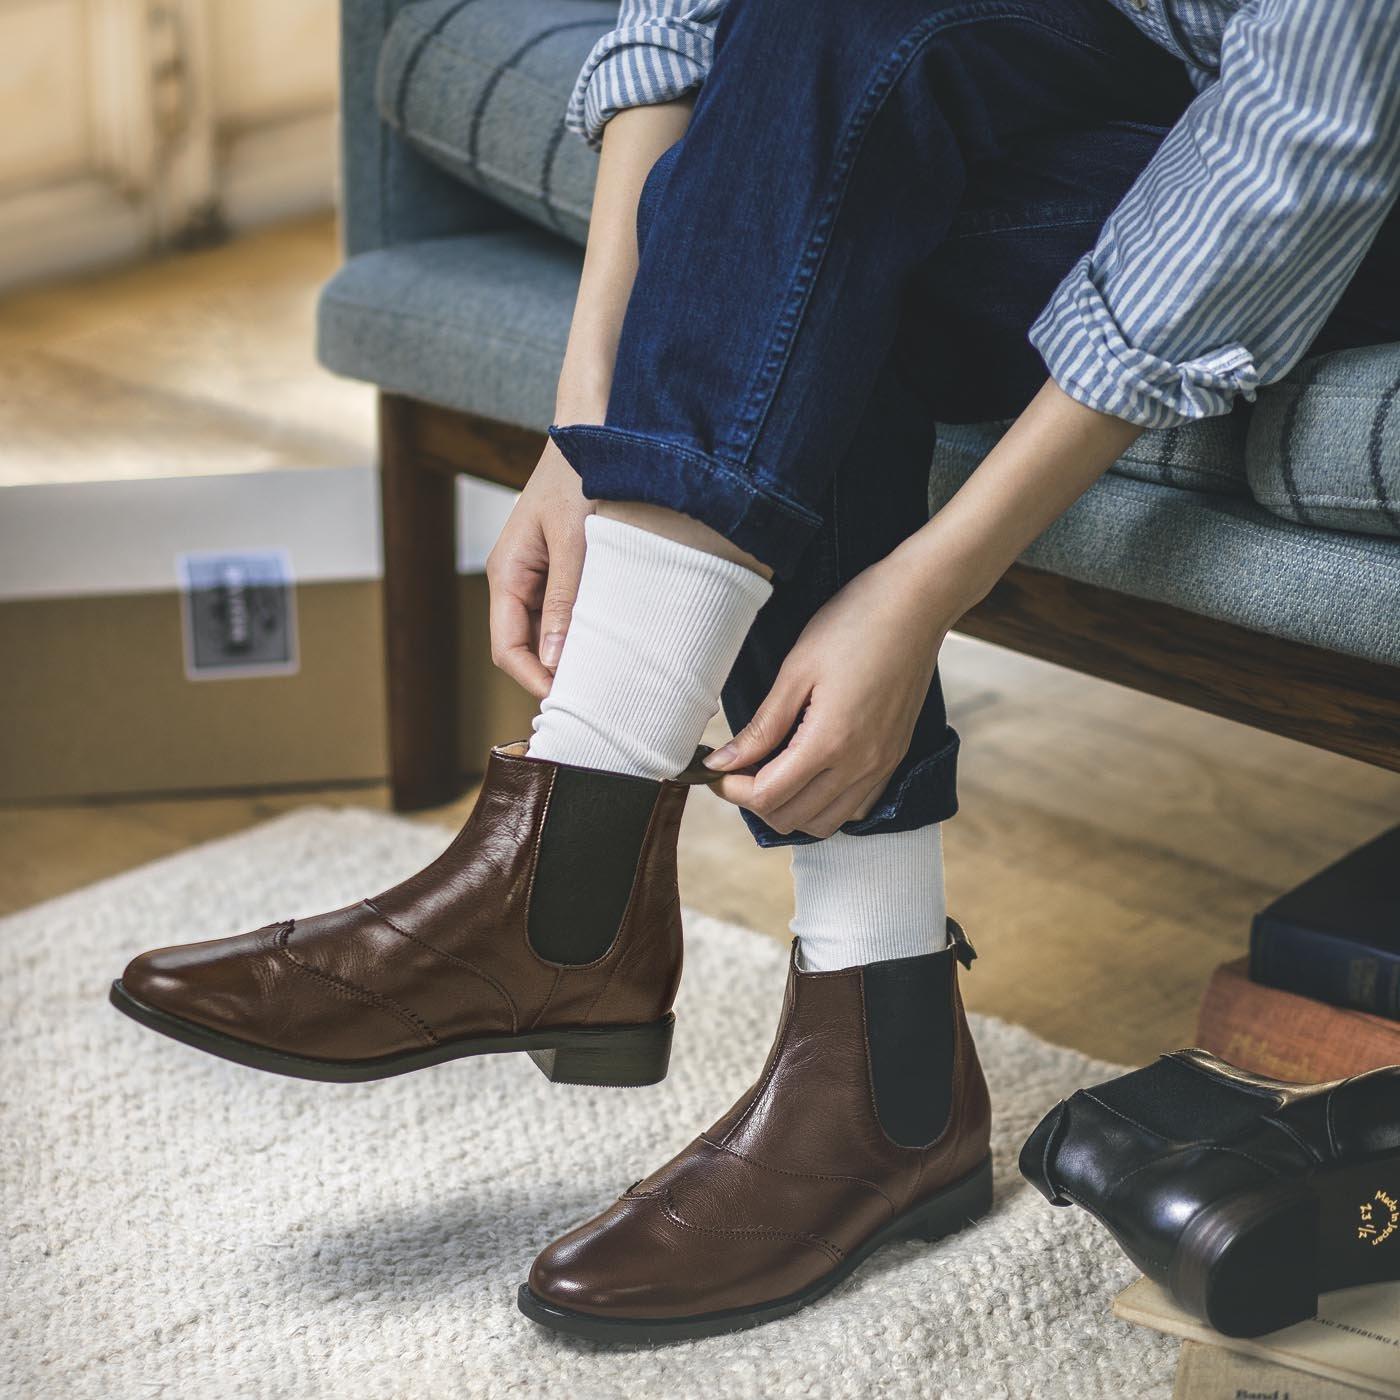 長田靴職人の本革仕立て 凛々しいサイドゴア レザーブーツ〈ブラウン〉[本革 ブーツ:日本製]